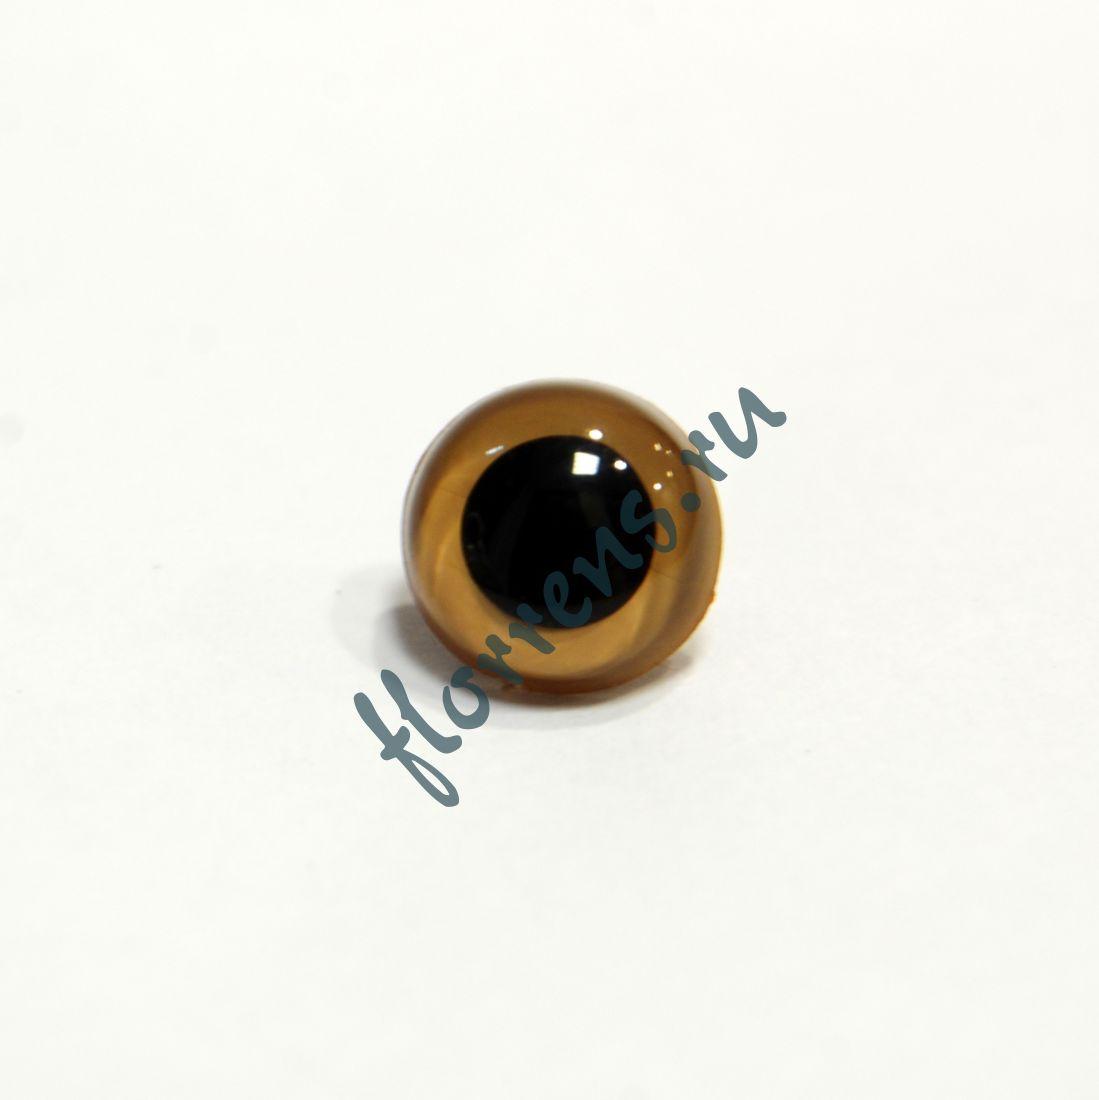 Глаза кристальные пришивные 10,5 мм / бежевый